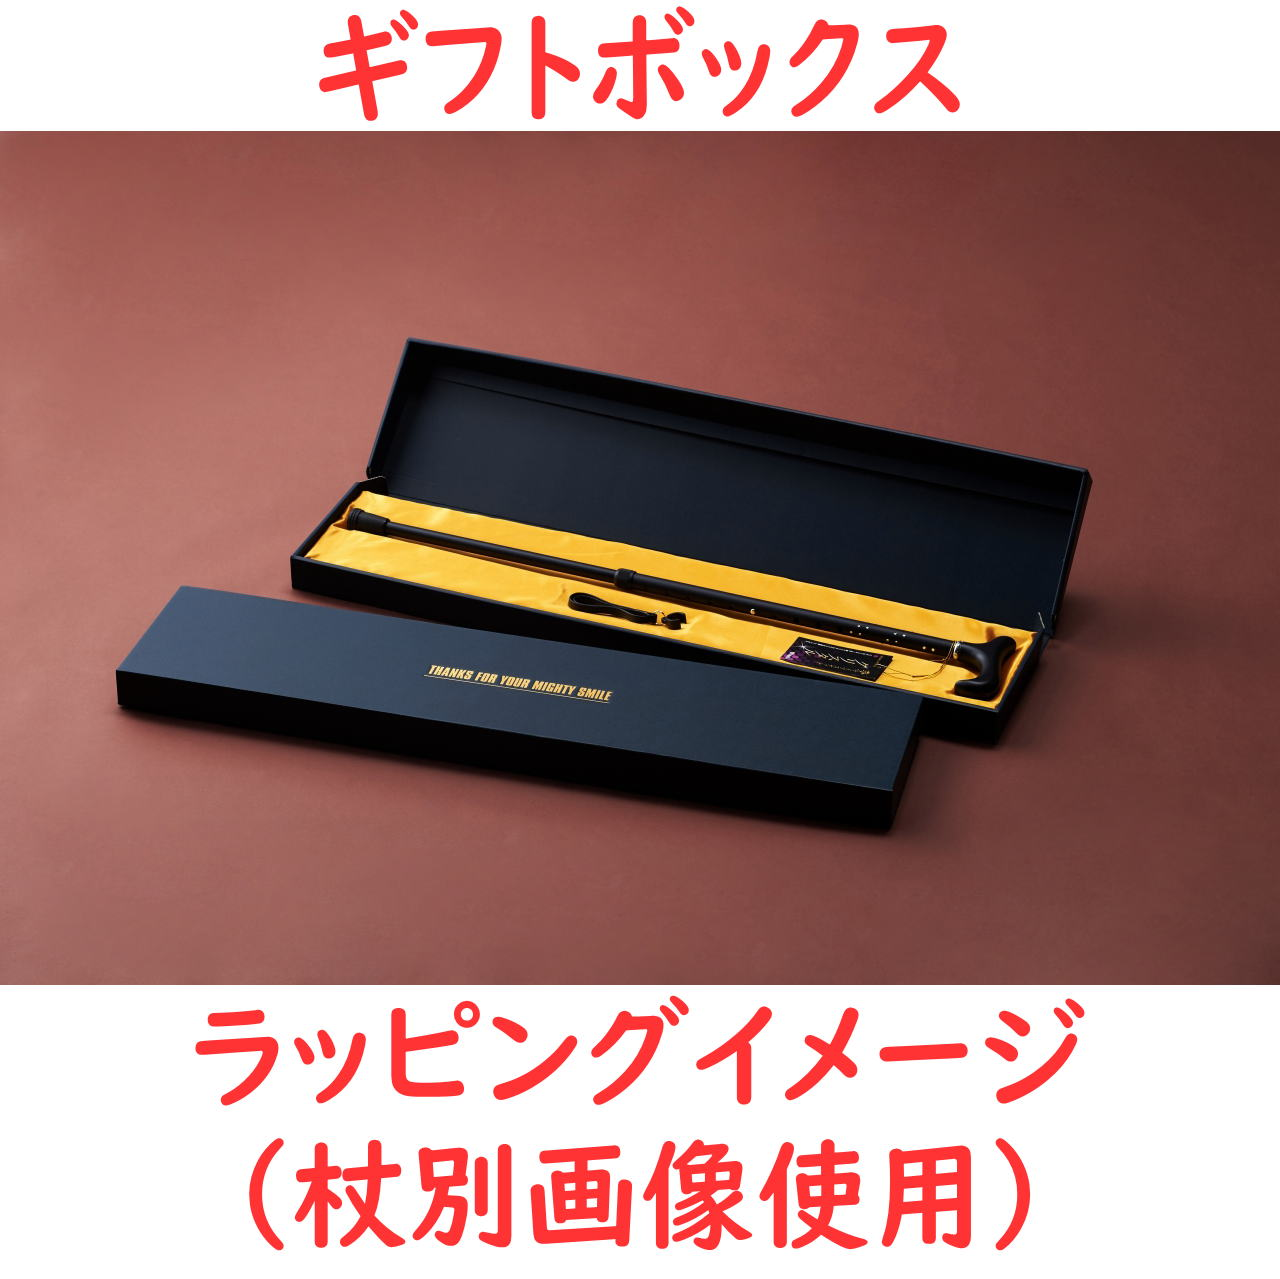 ☆ギフトボックス可☆ 夢ライフステッキ スリムネック伸縮スリムタイプ(柄) 6色より選べます